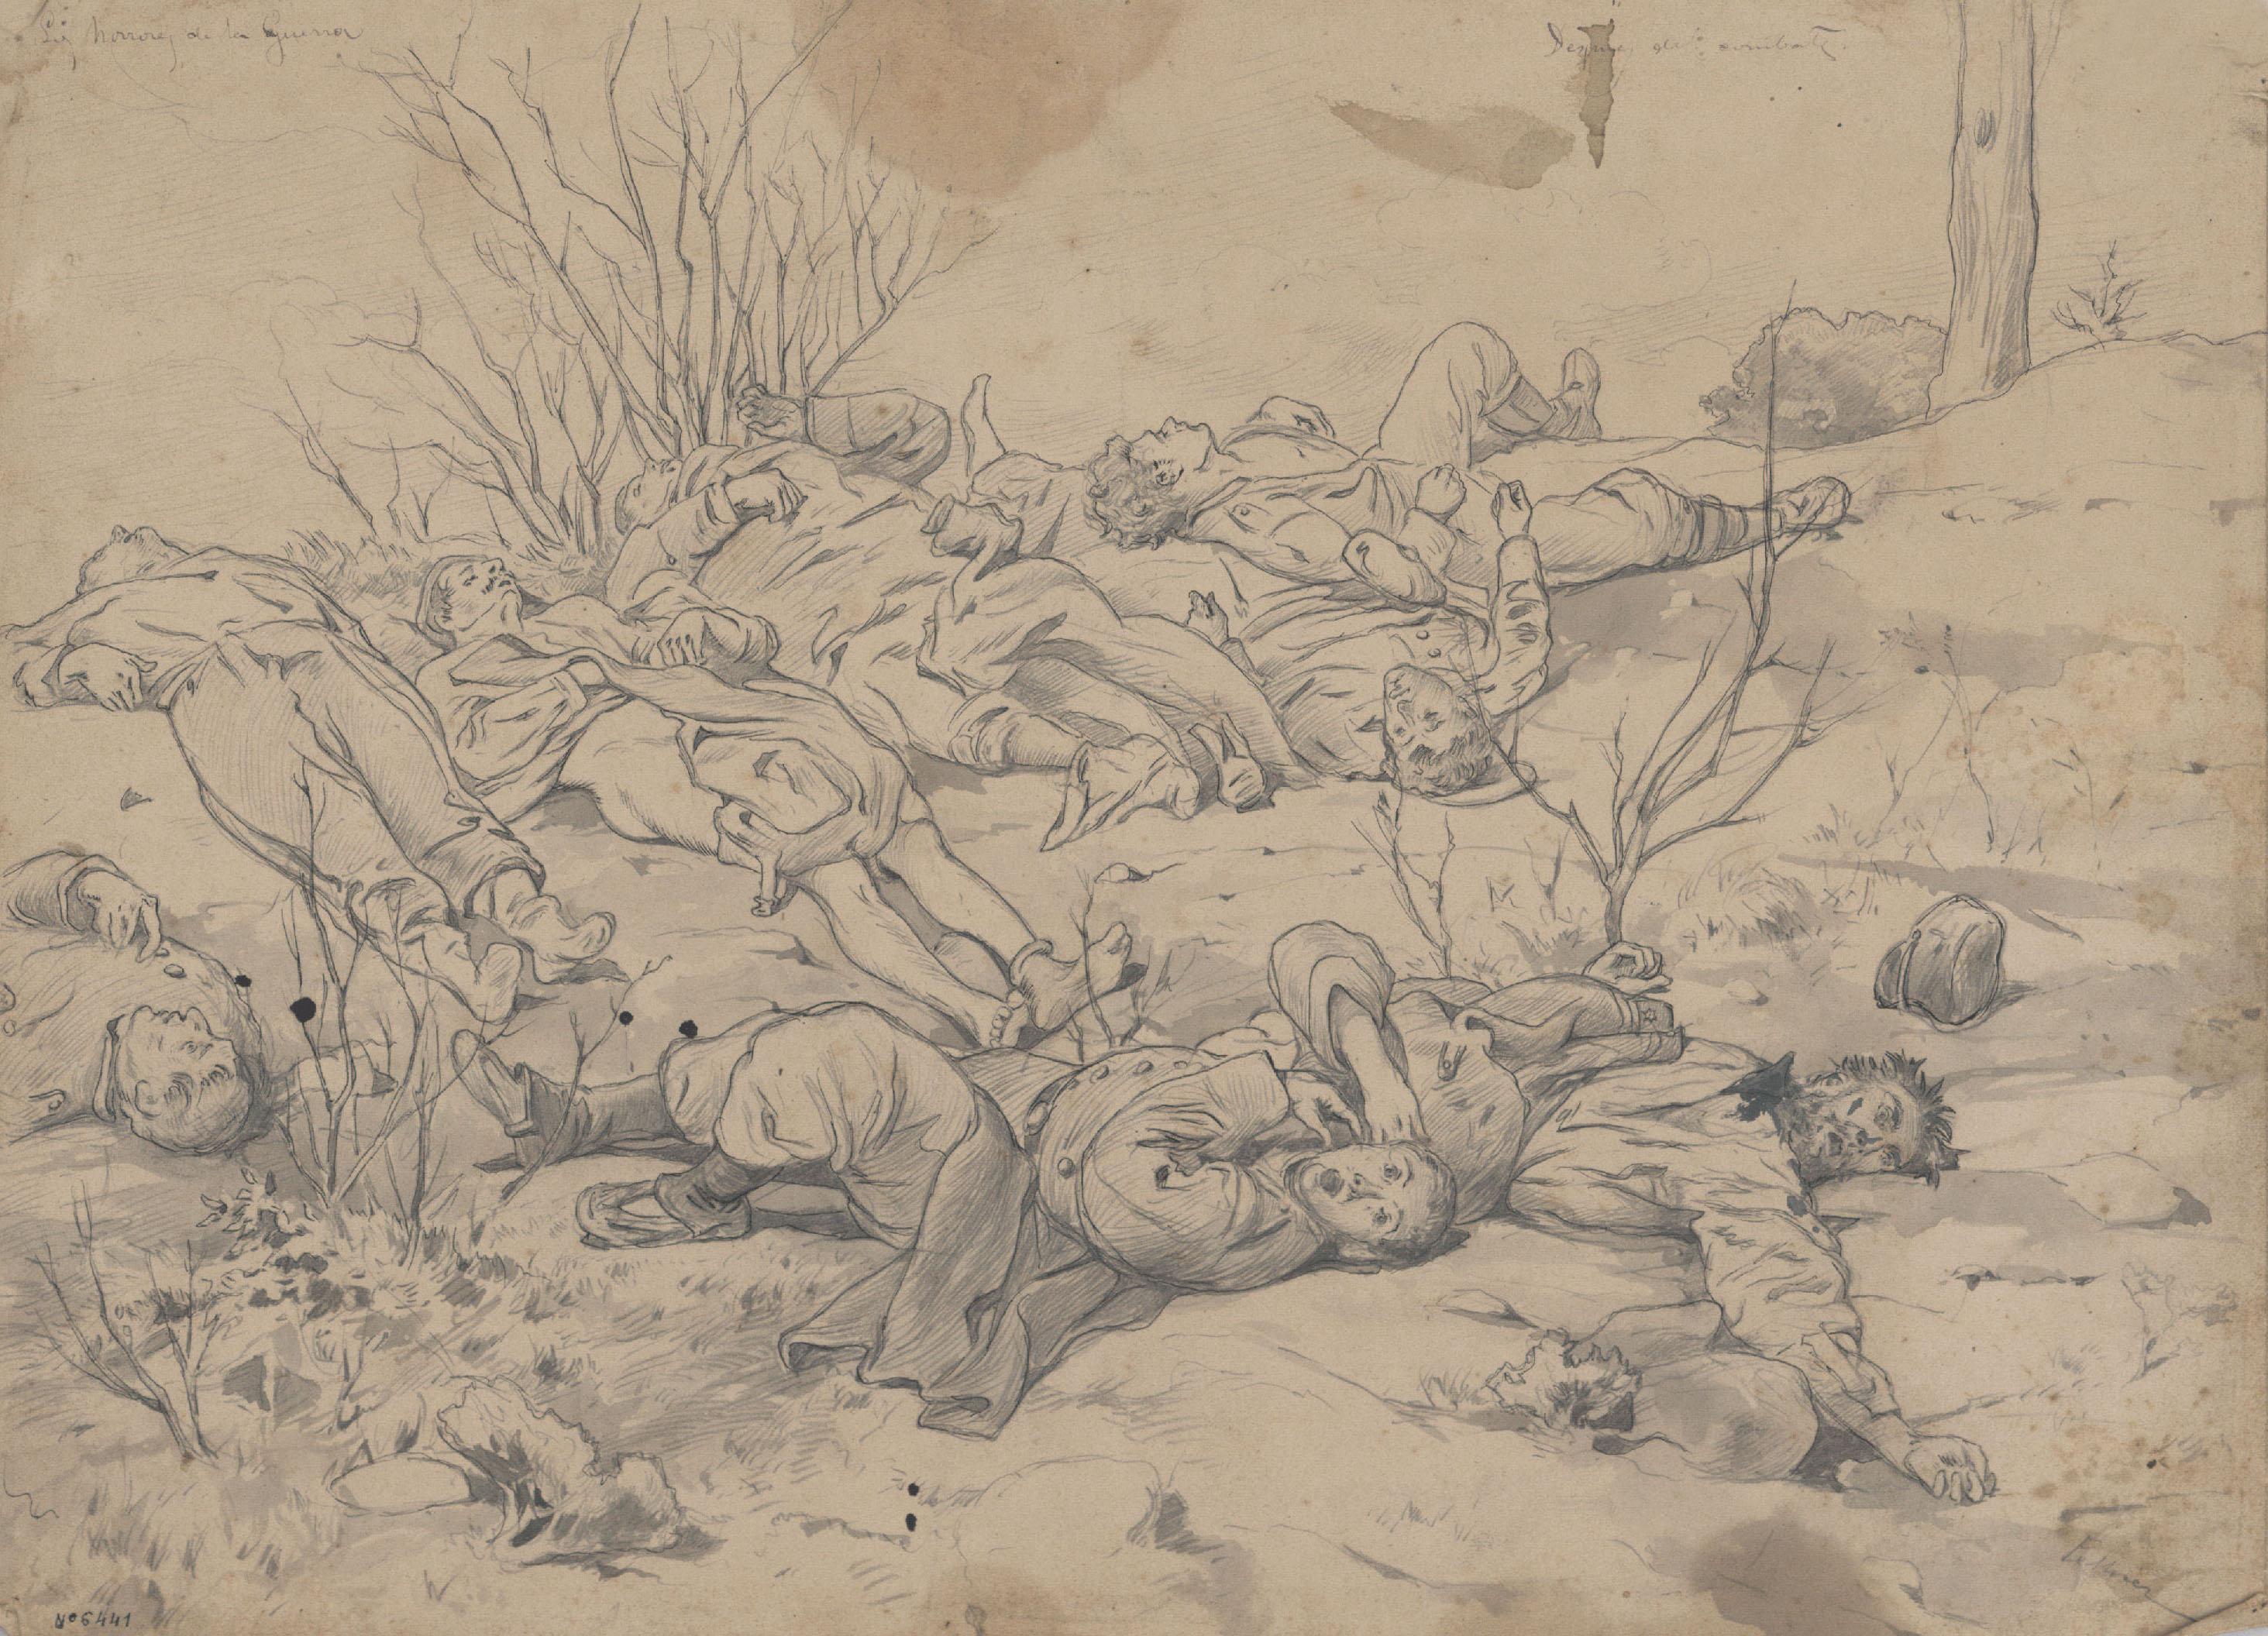 Josep Lluís Pellicer - Los horrores de la guerra - 1876